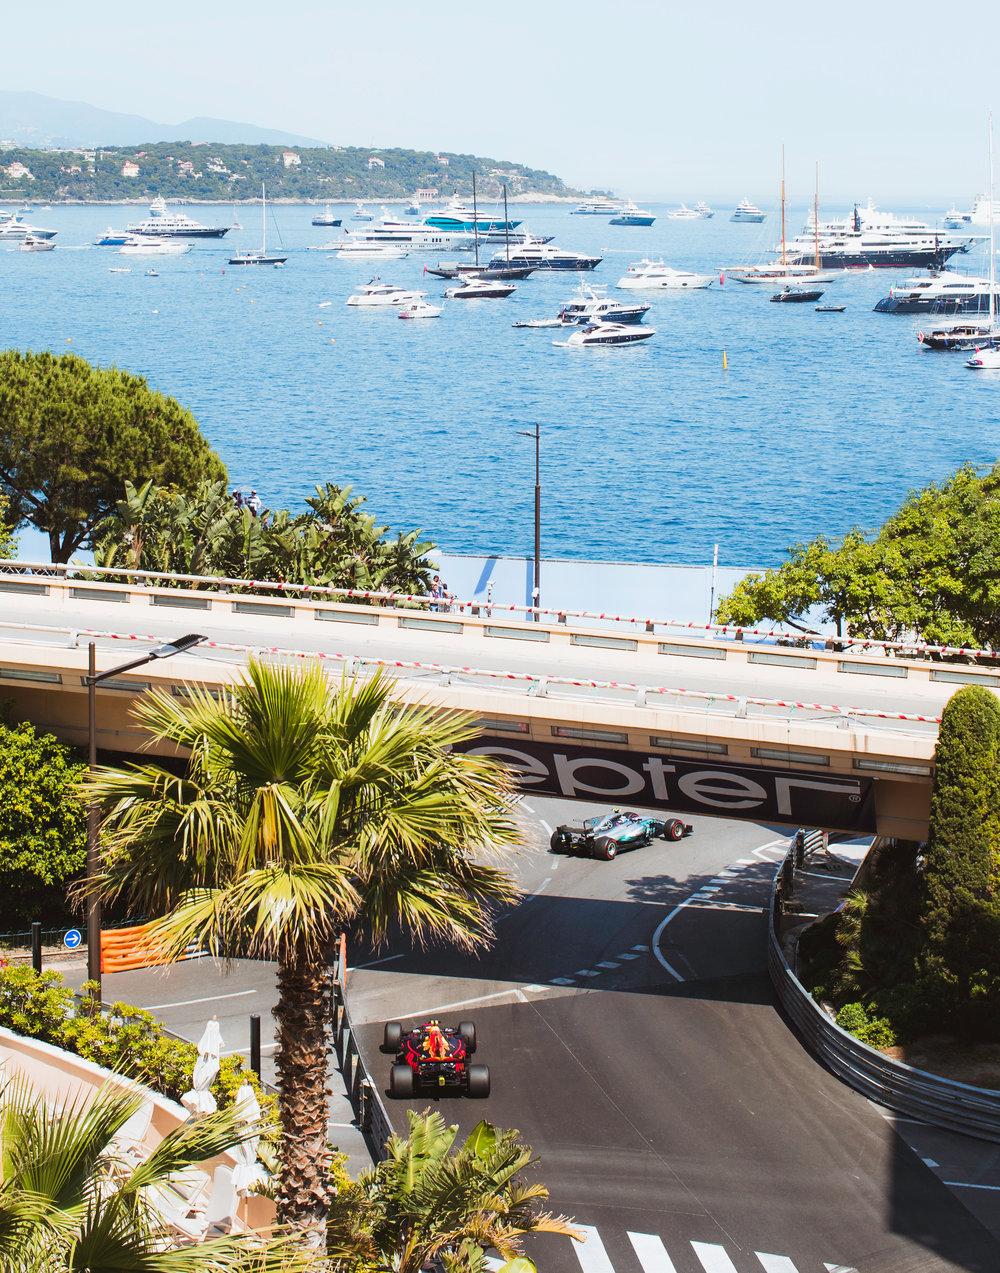 Valtteri Bottas, Mercedes, Max Verstappen, Red Bull. 2017 FIA Formula 1 Championship, Monte Carlo, Monaco.